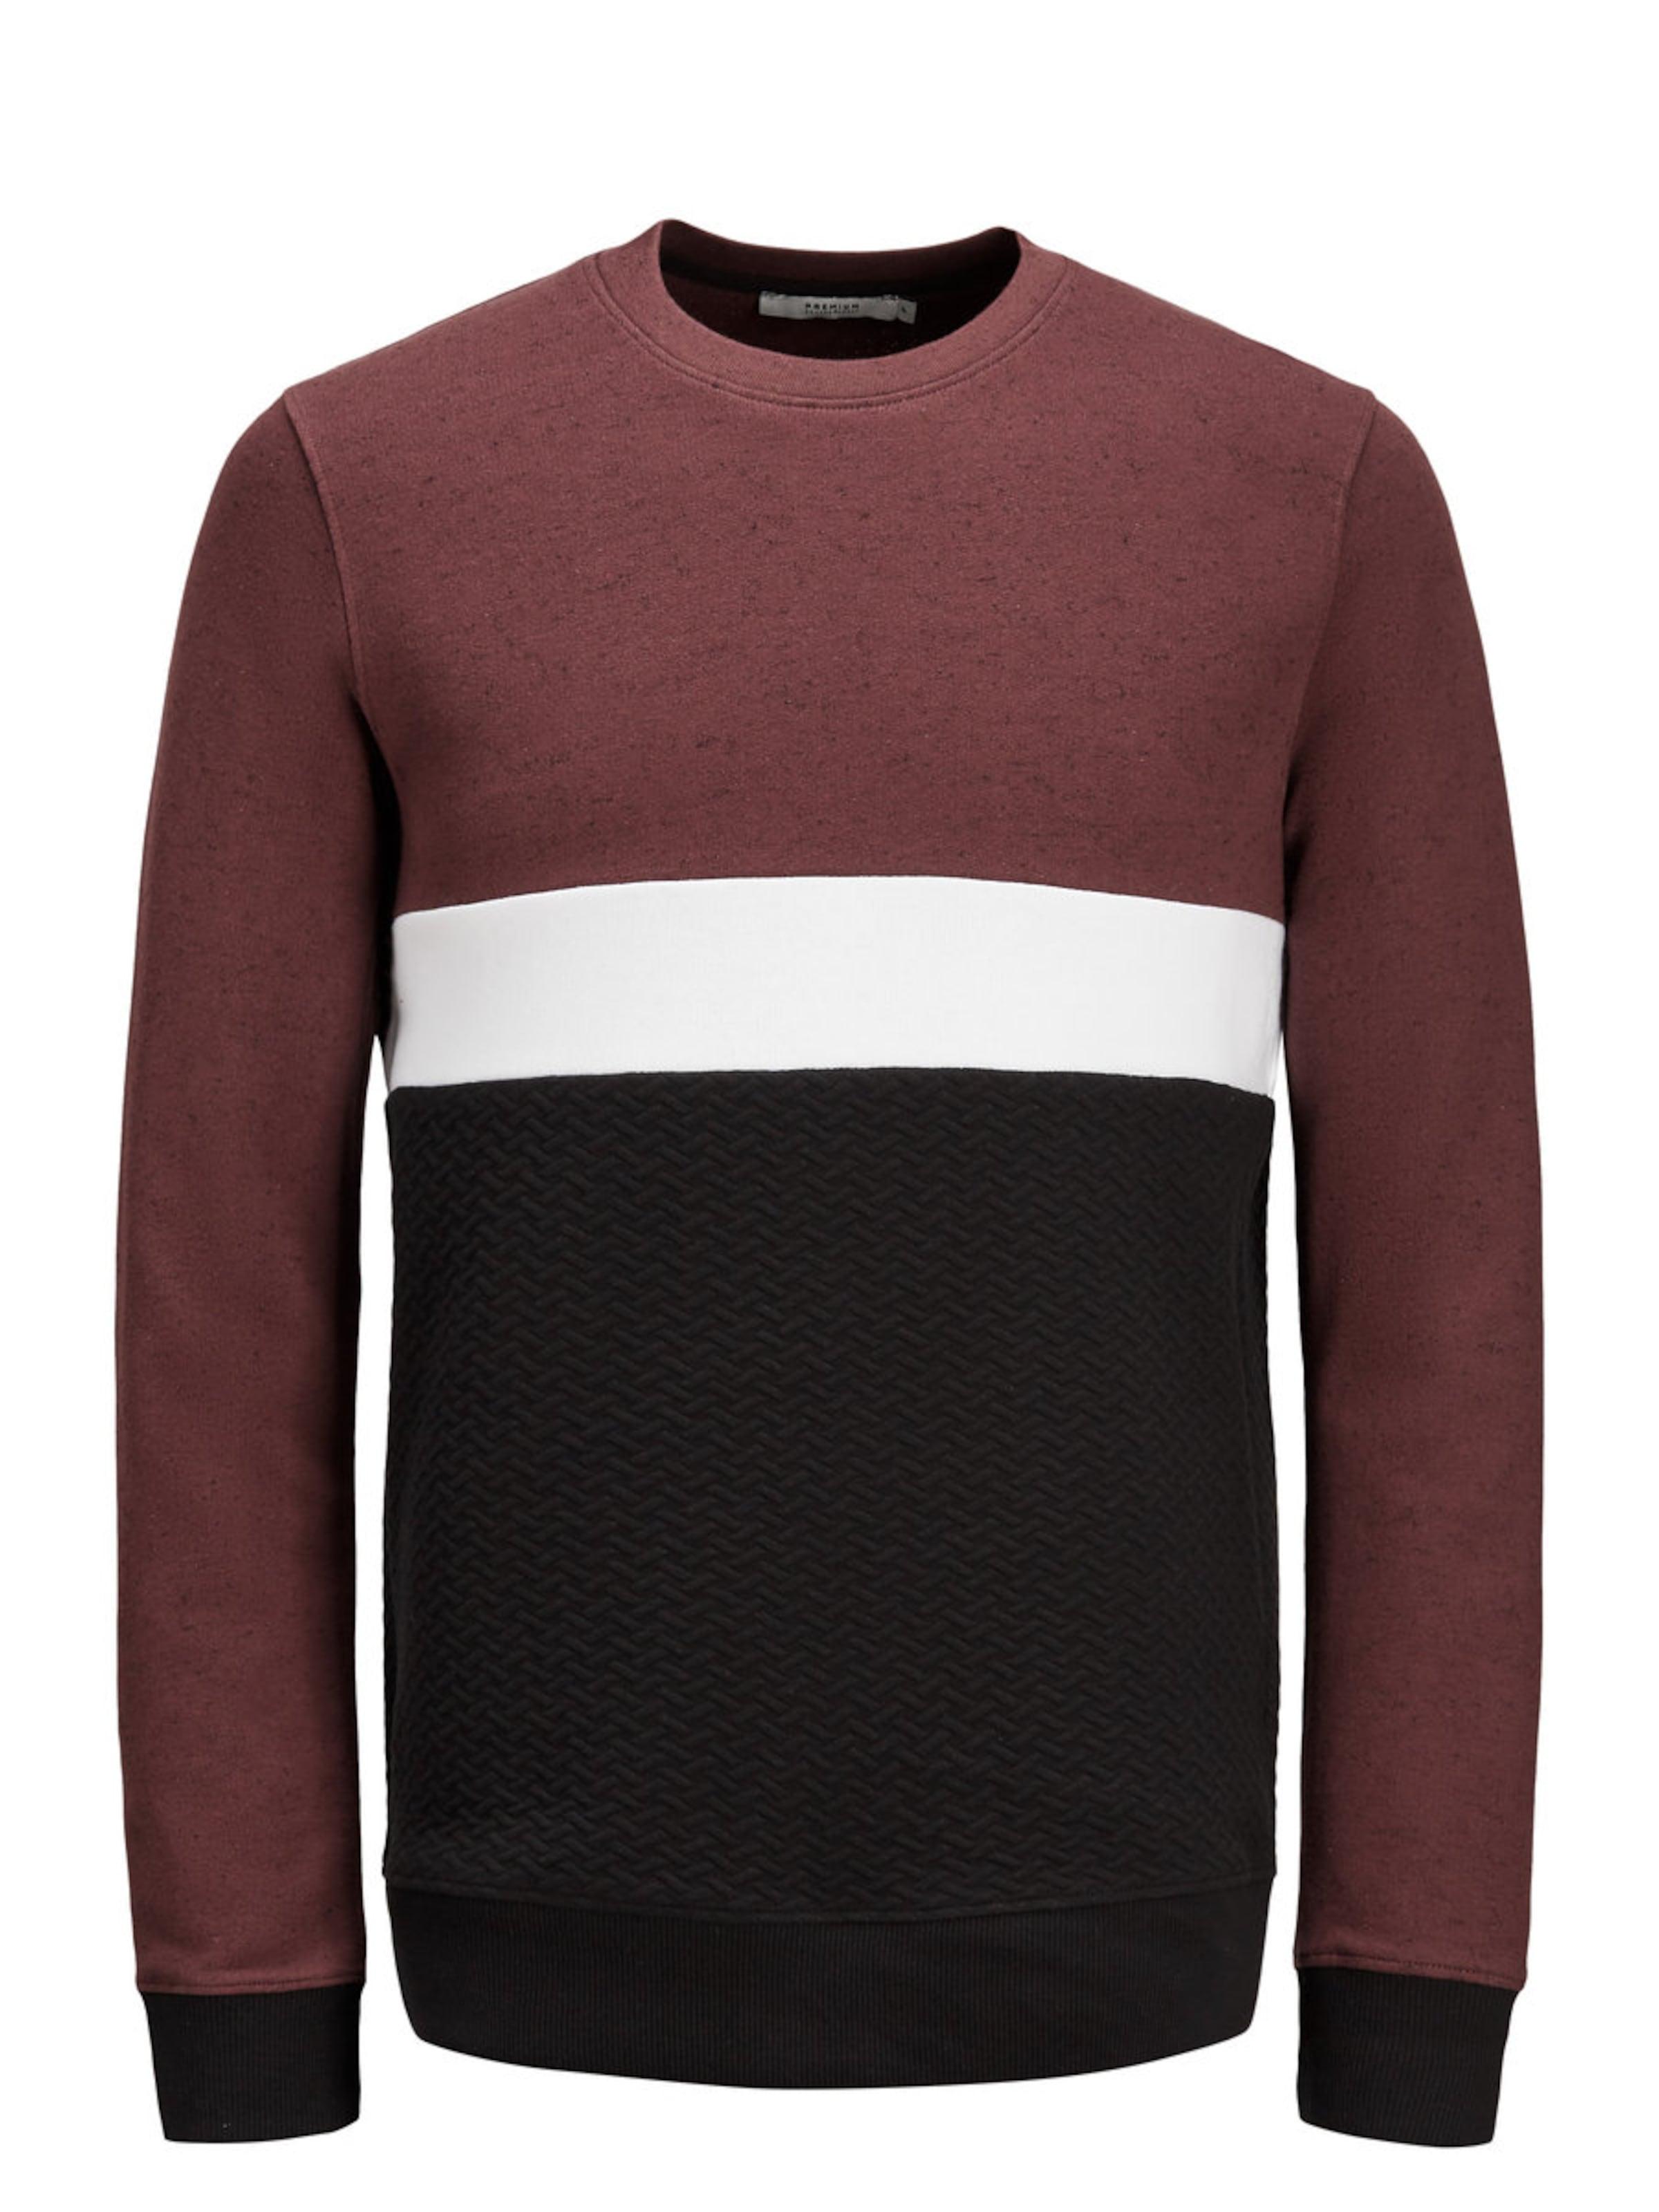 Günstig Kaufen Authentisch Zum Verkauf Offizieller Seite JACK & JONES Sweatshirt Marktfähig Günstiger Preis Viele Arten Von Zum Verkauf 5xXt74C